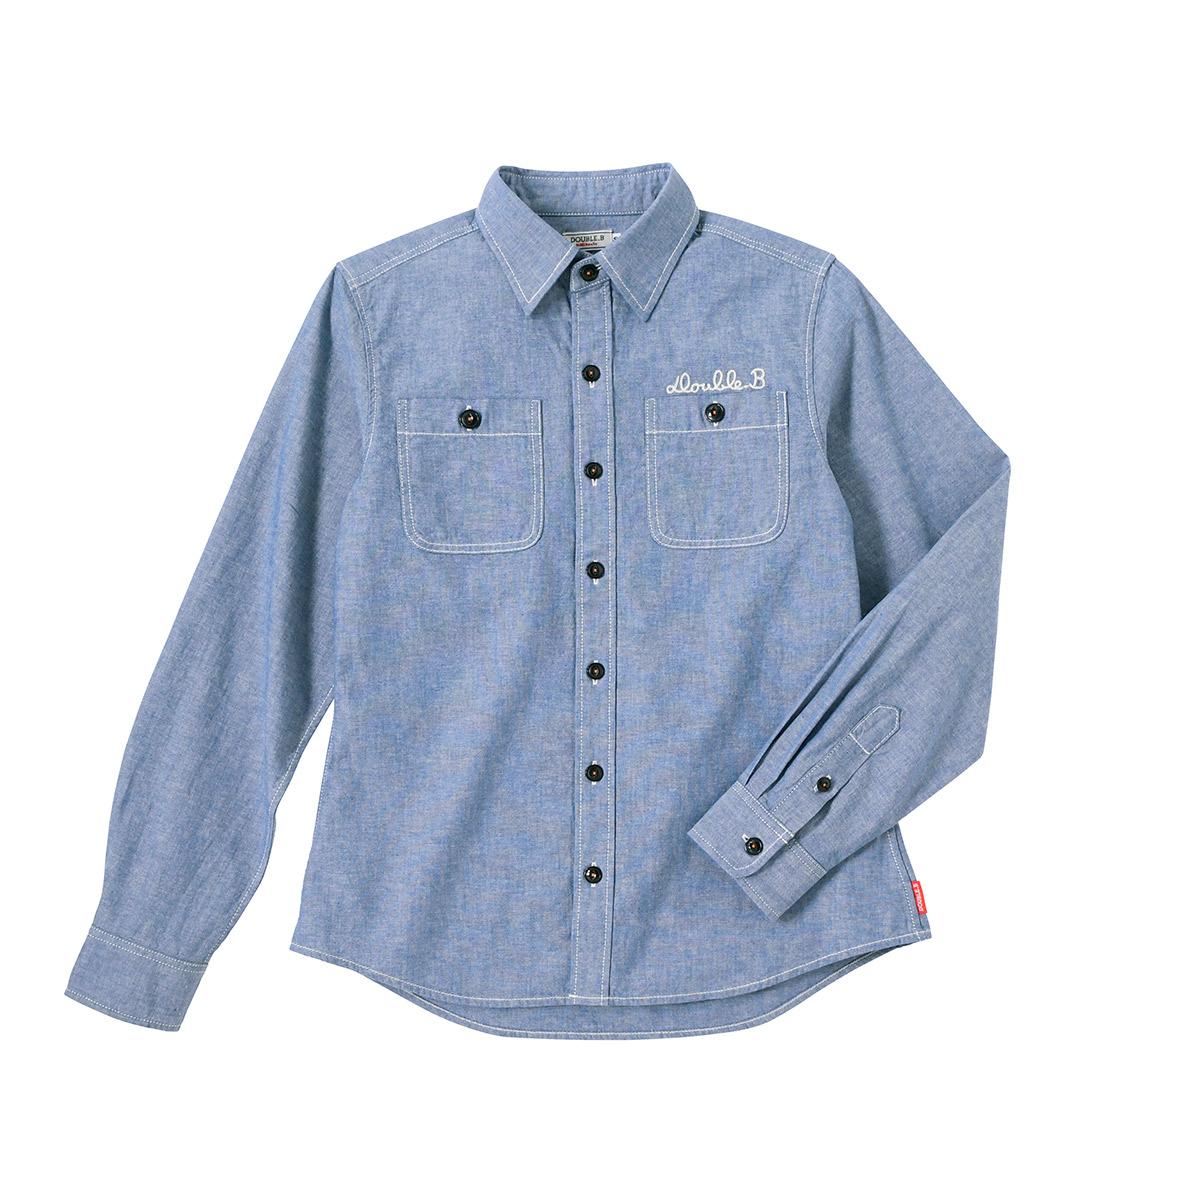 ダンガリーシャツ(大人用)〈M-L(165cm-185cm)〉